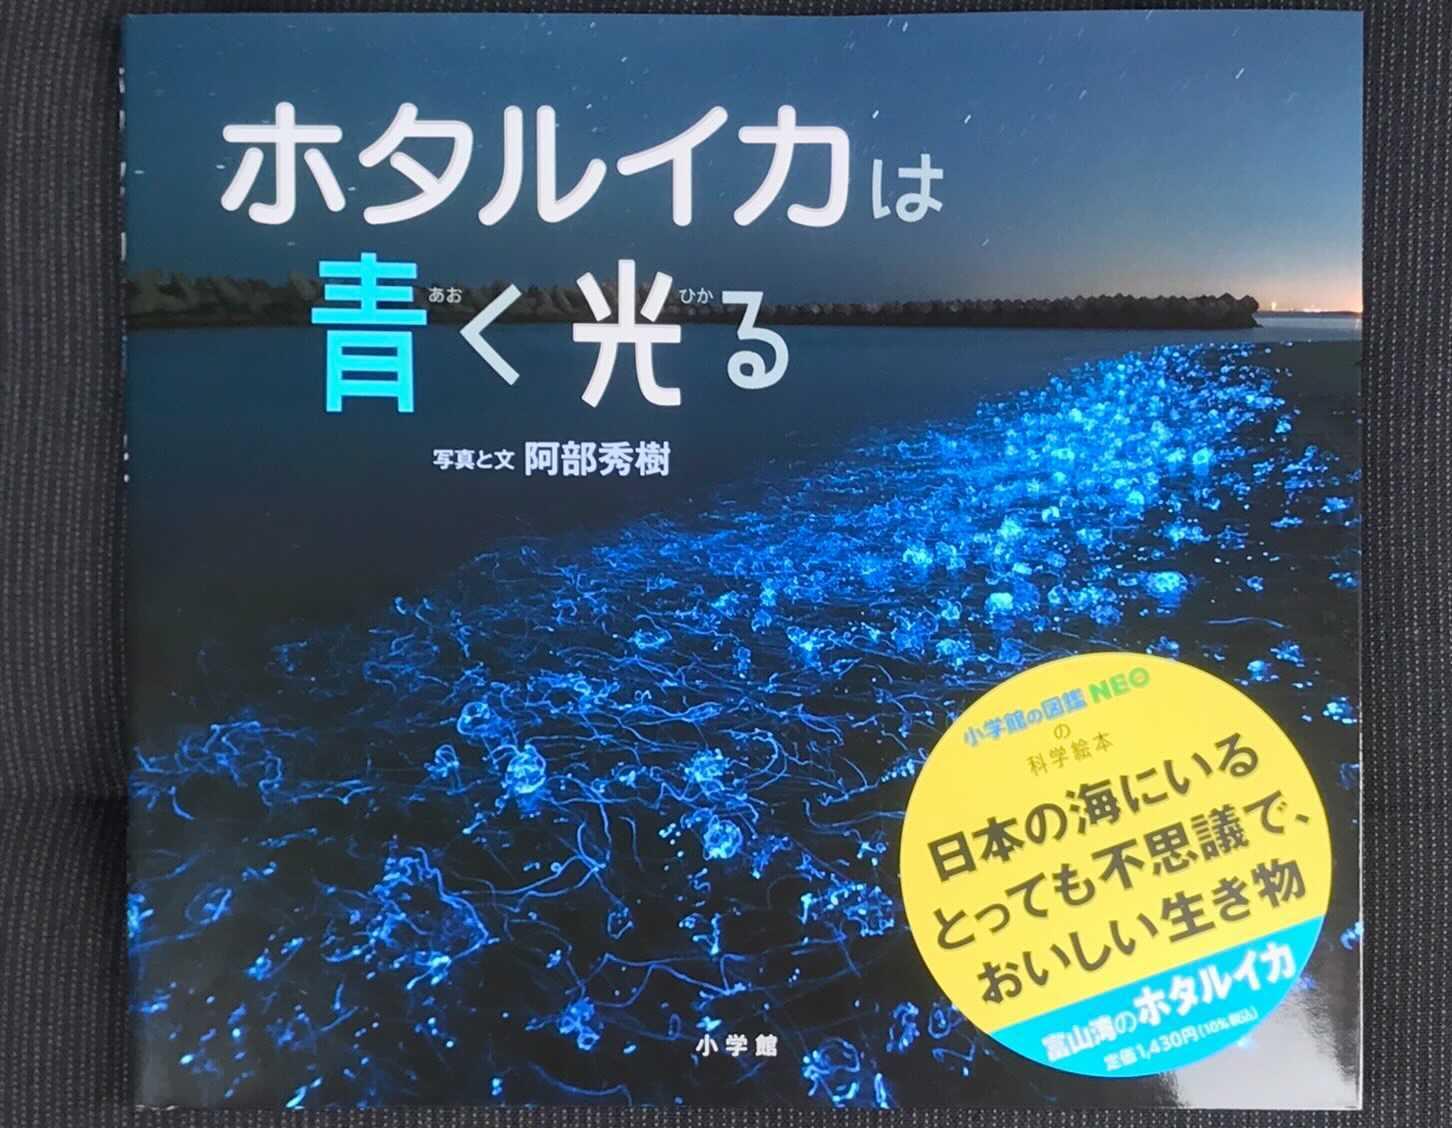 水中写真家・阿部秀樹氏が手掛けた「ホタルイカは青く光る」が7月7日に出版開始